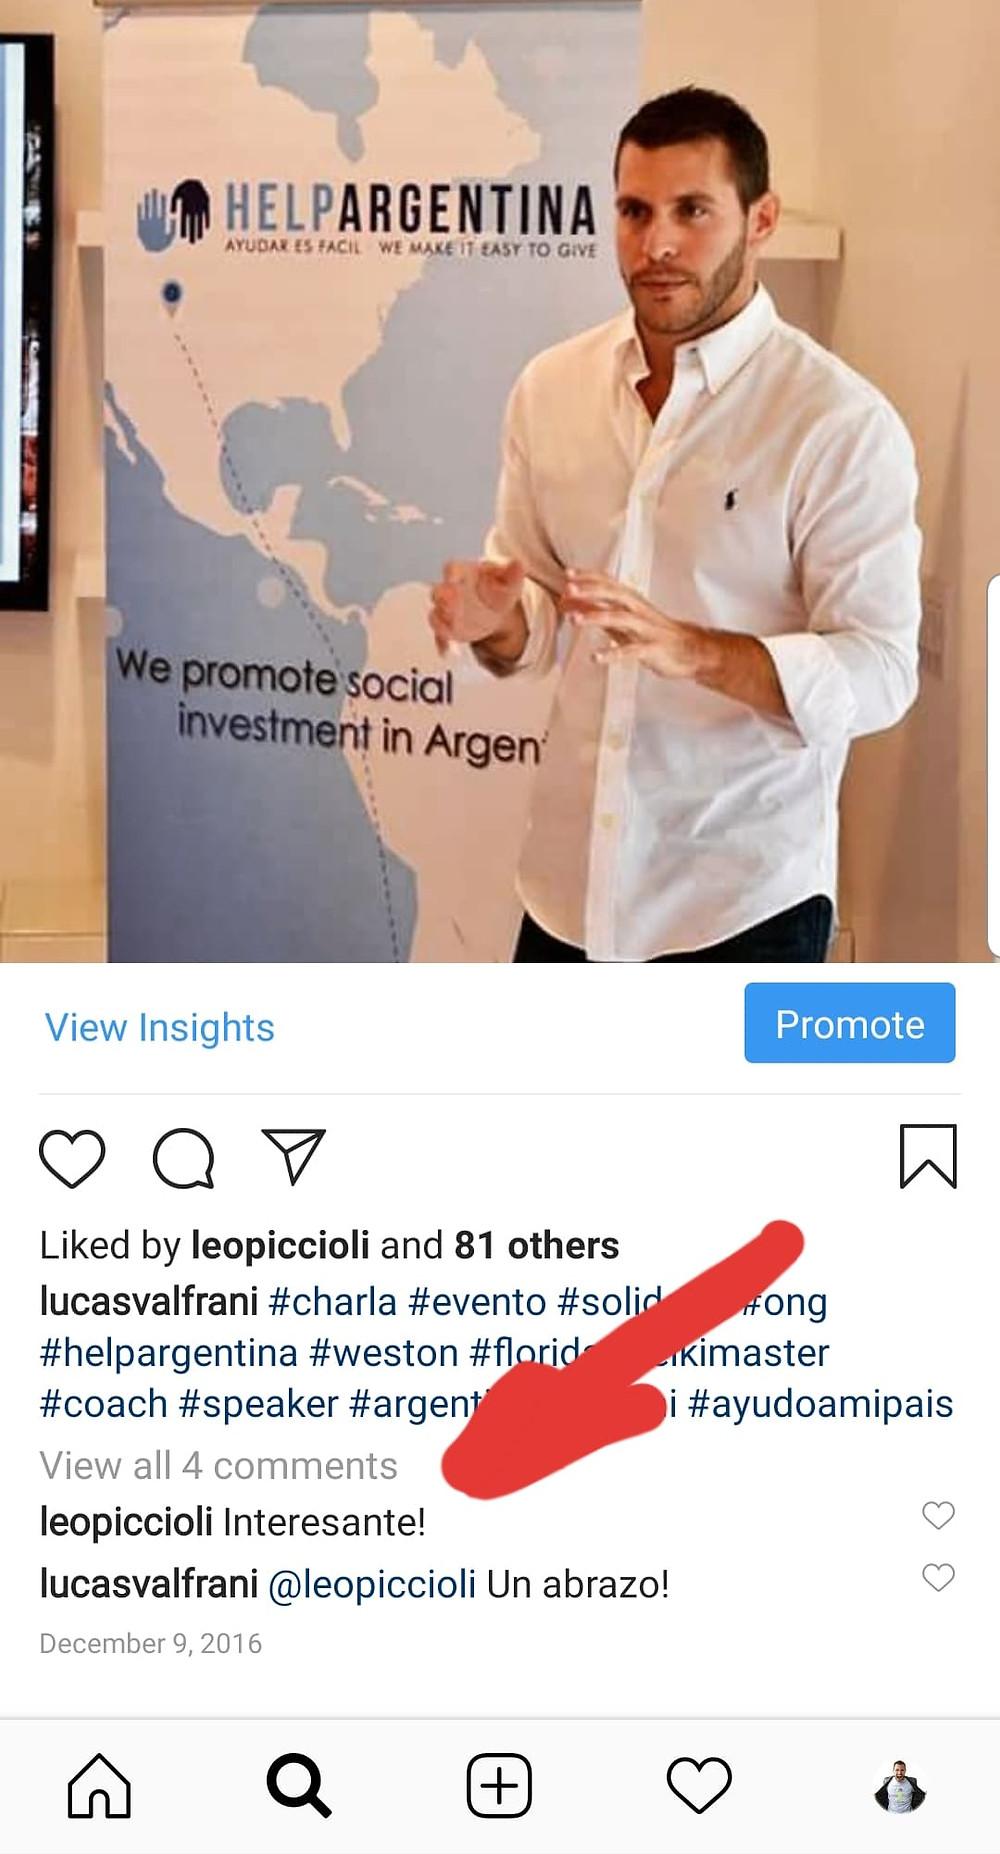 Comentario Leo Piccioli en el de IG Lucas ValFrani